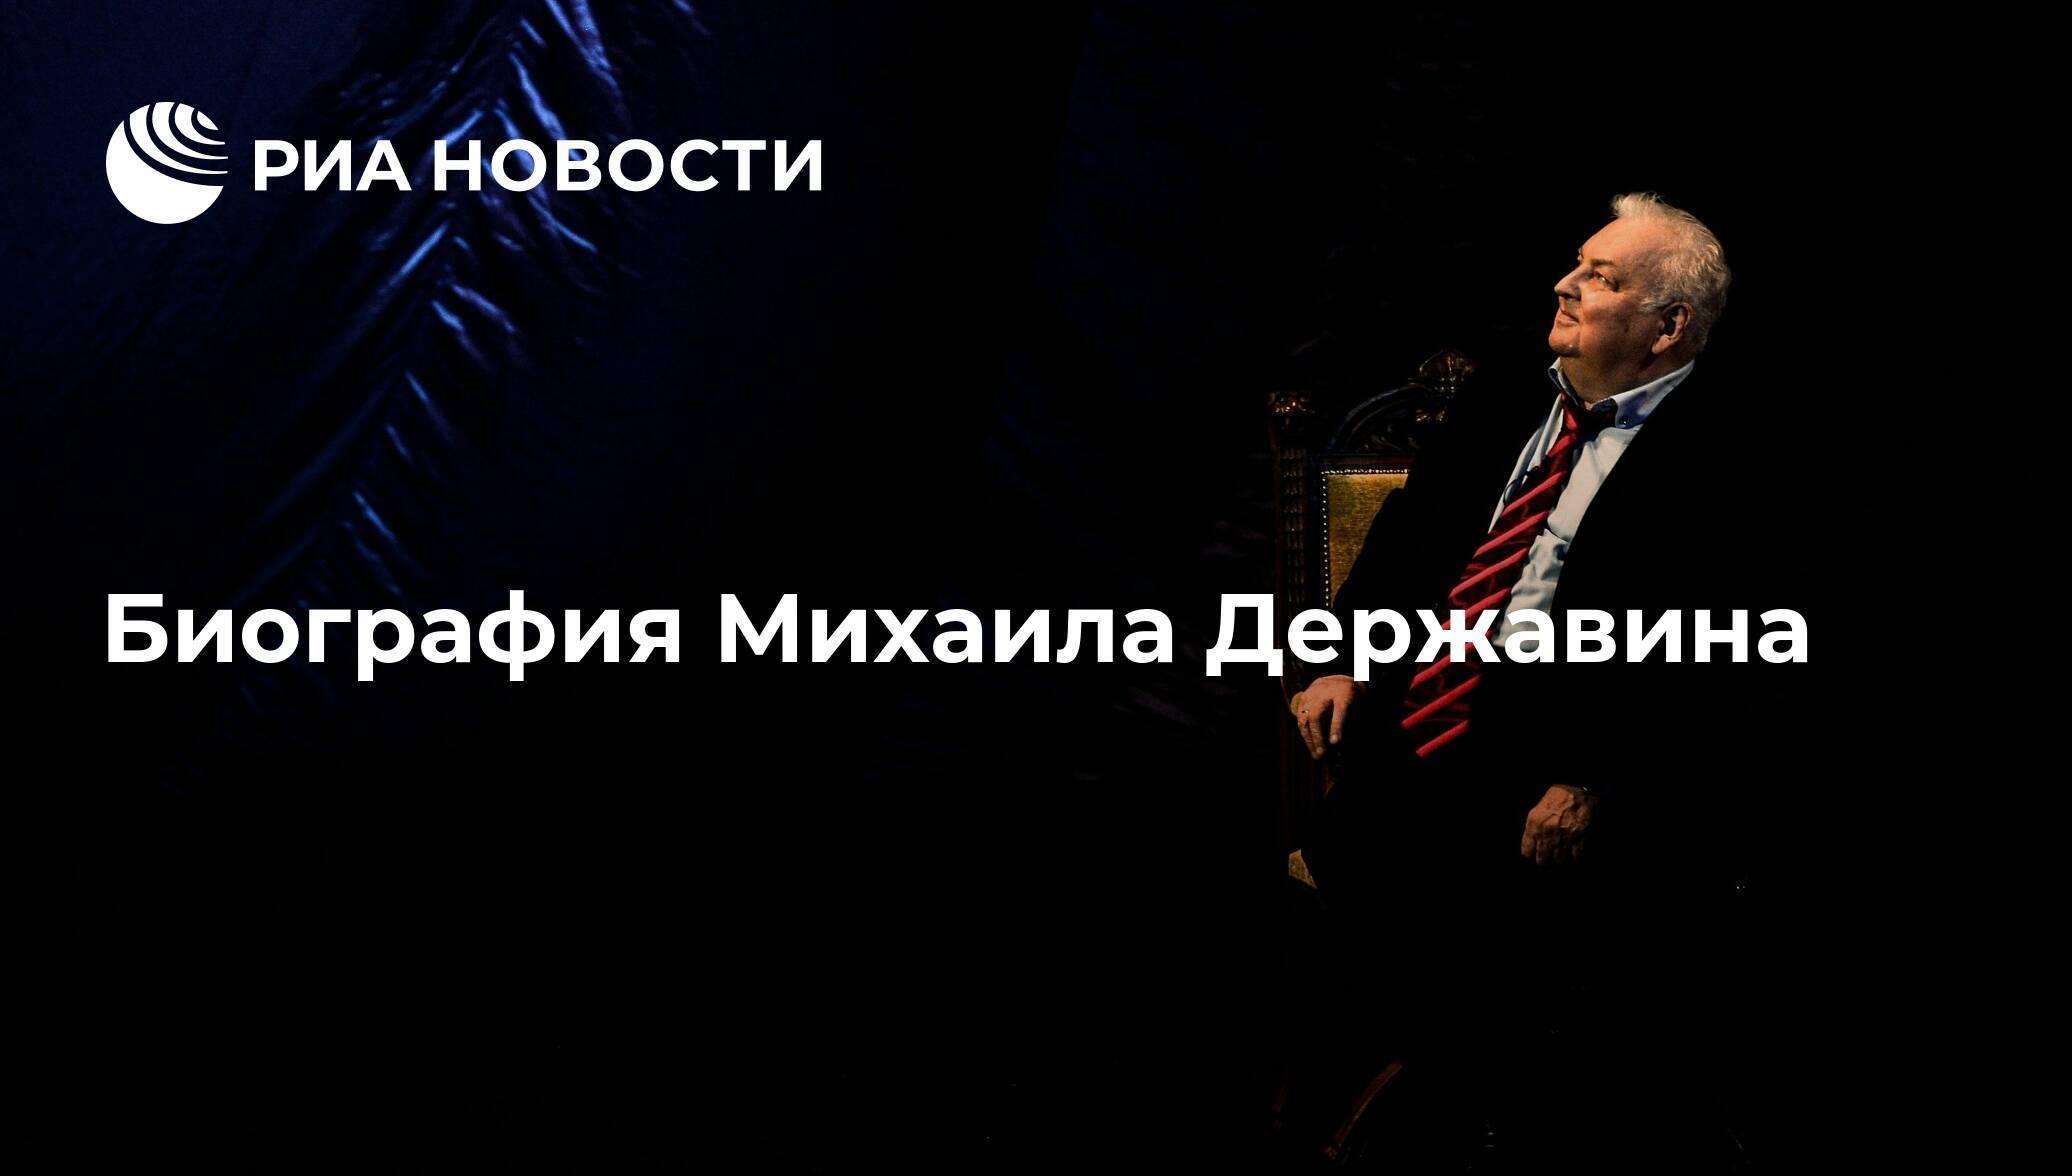 Михаил державин - биография. что известно о комедийном актере